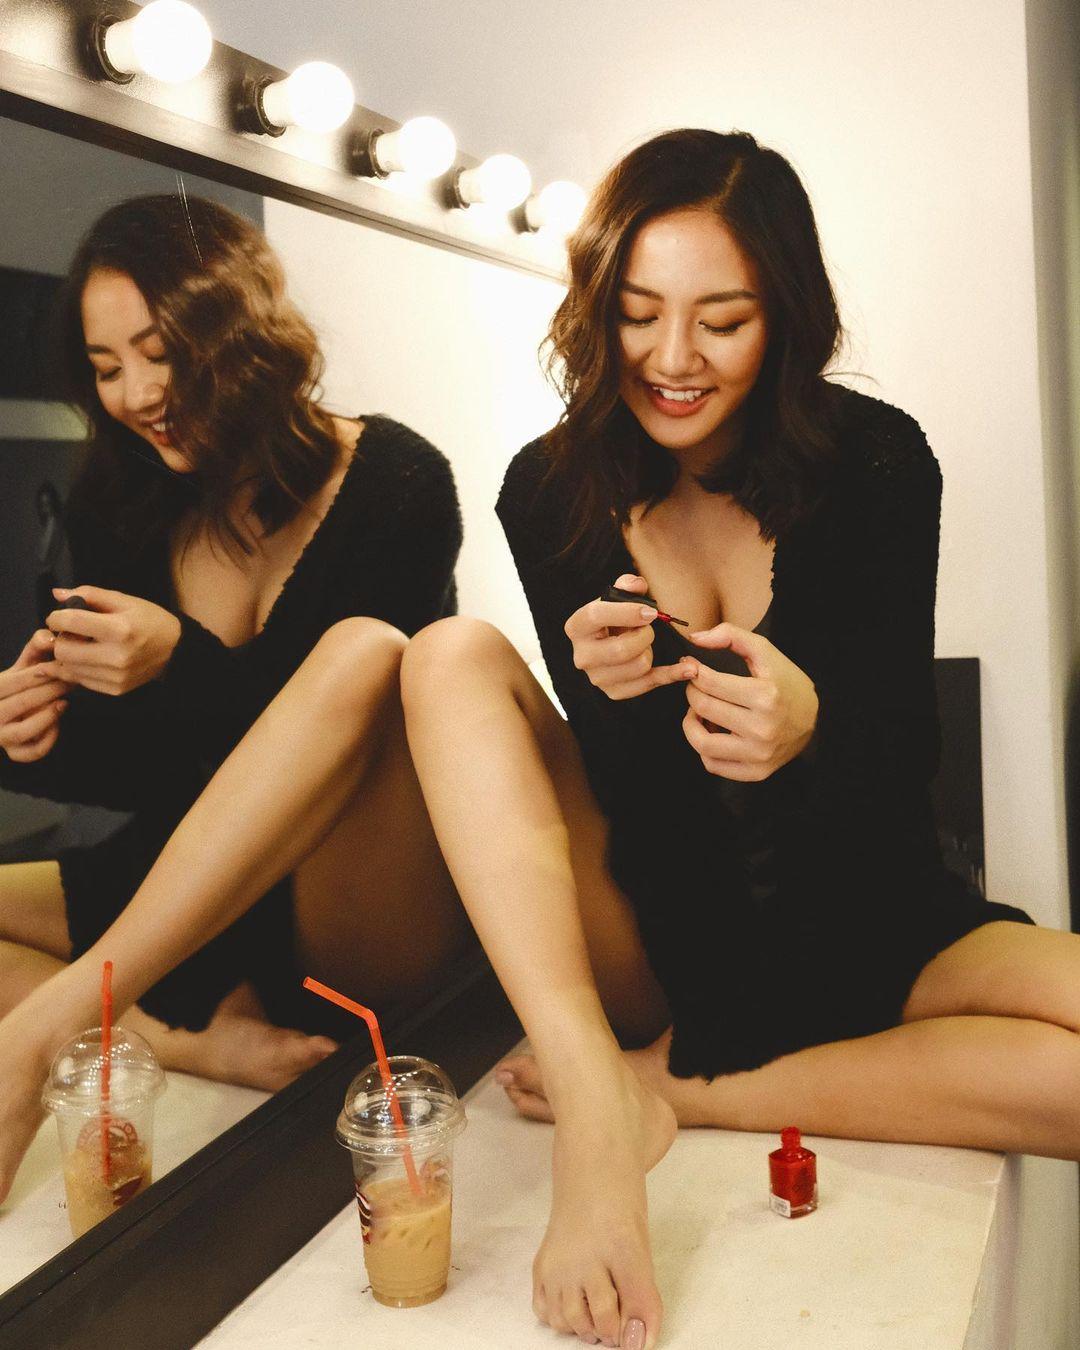 Văn Mai Hương body ngày càng tuyệt mỹ, 3 vòng căng nuột nhờ giảm cân bằng… men - hình ảnh 4